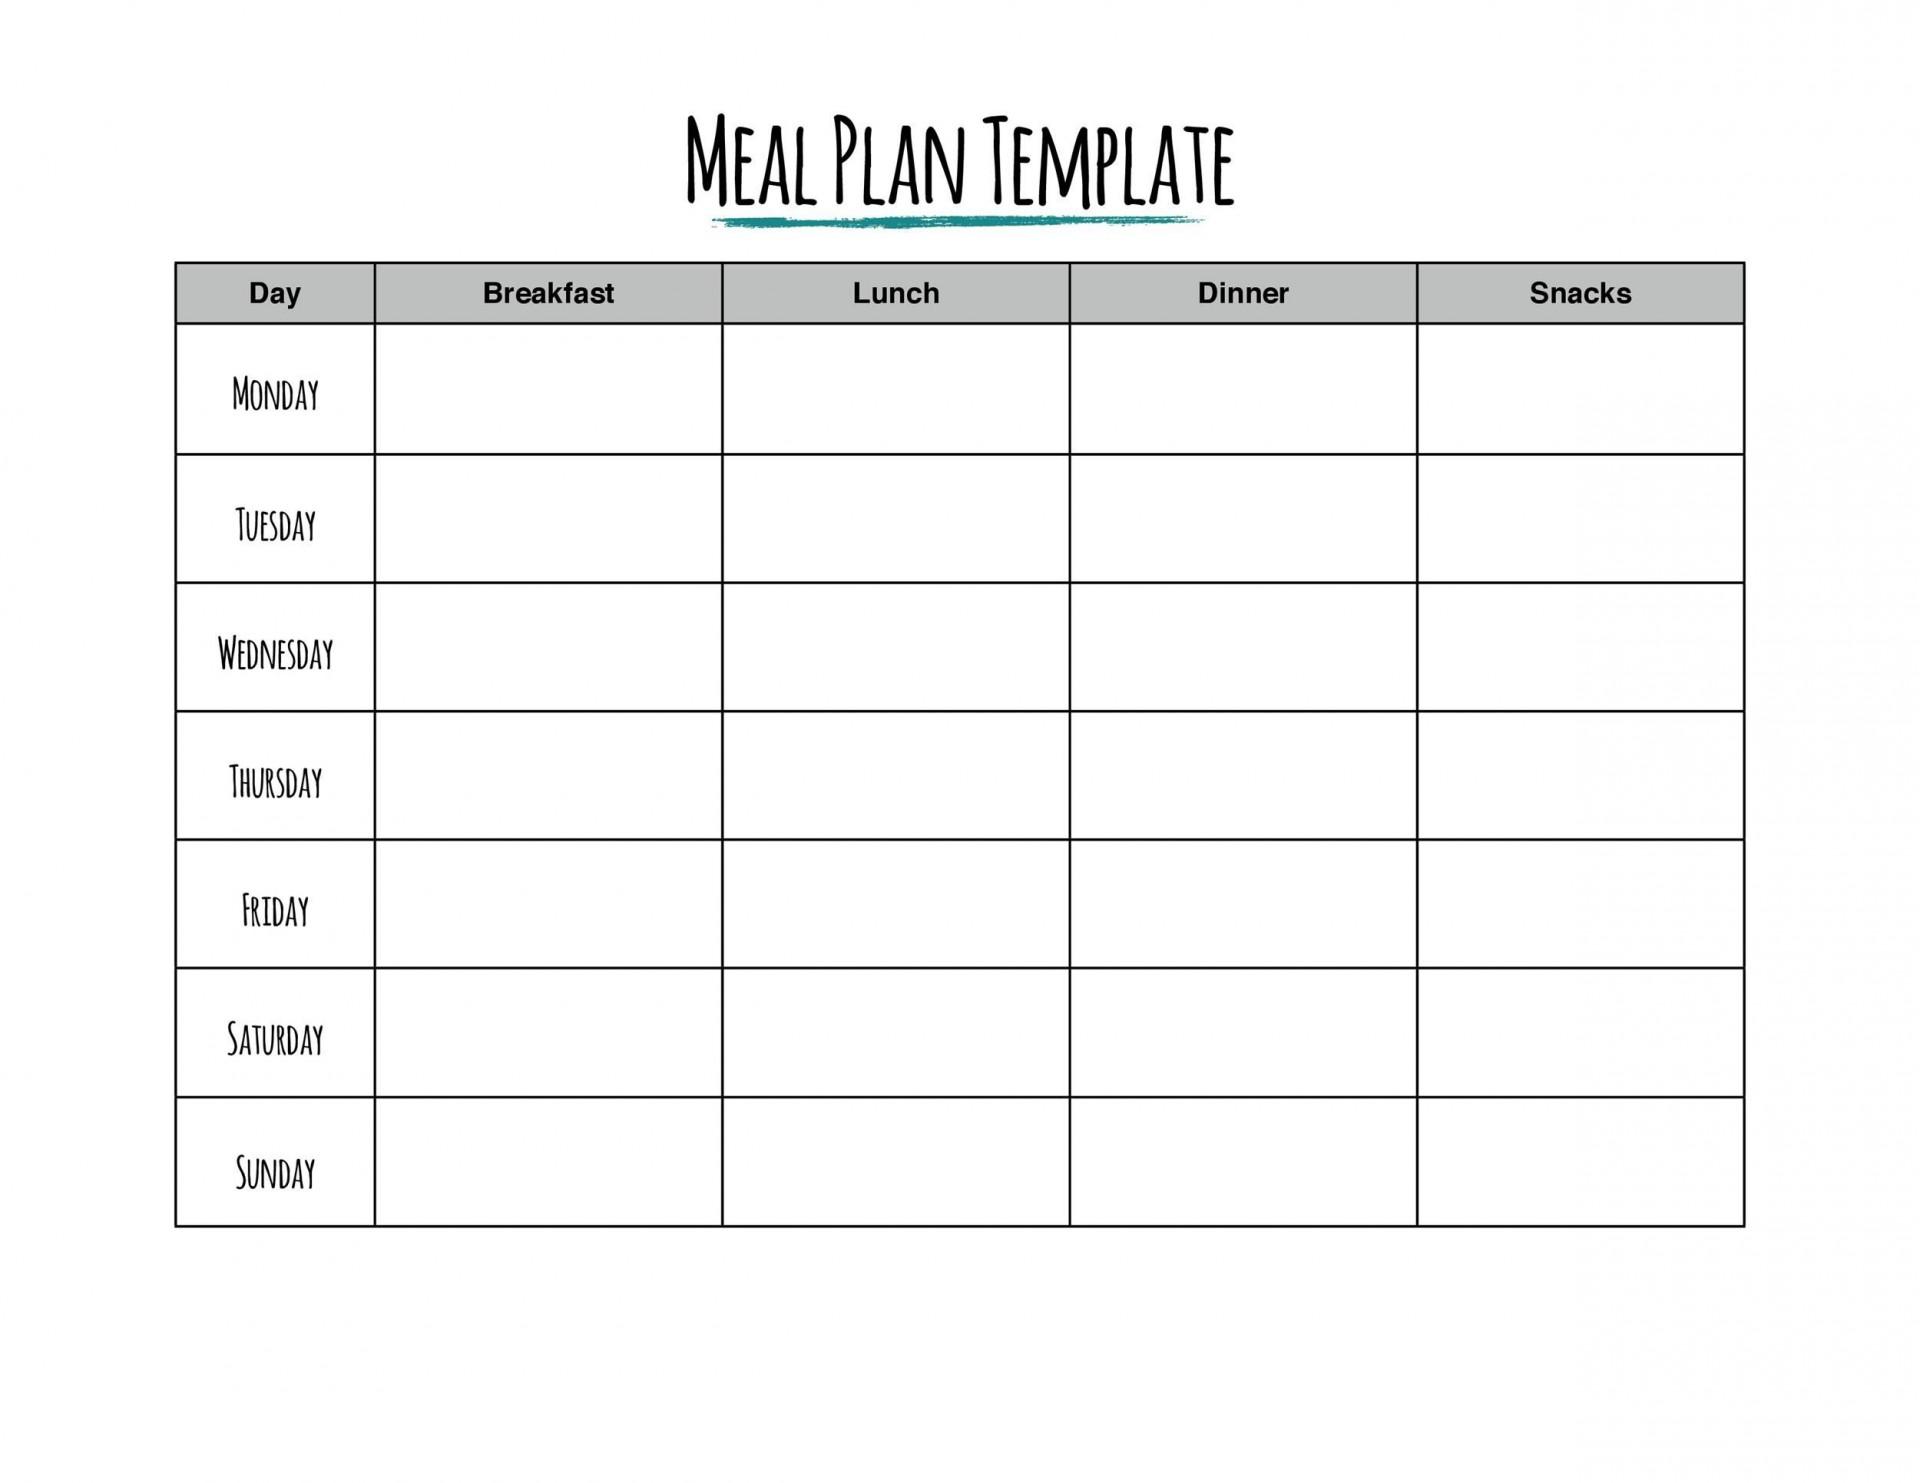 004 Wonderful 2 Week Meal Plan Printable Image 1920